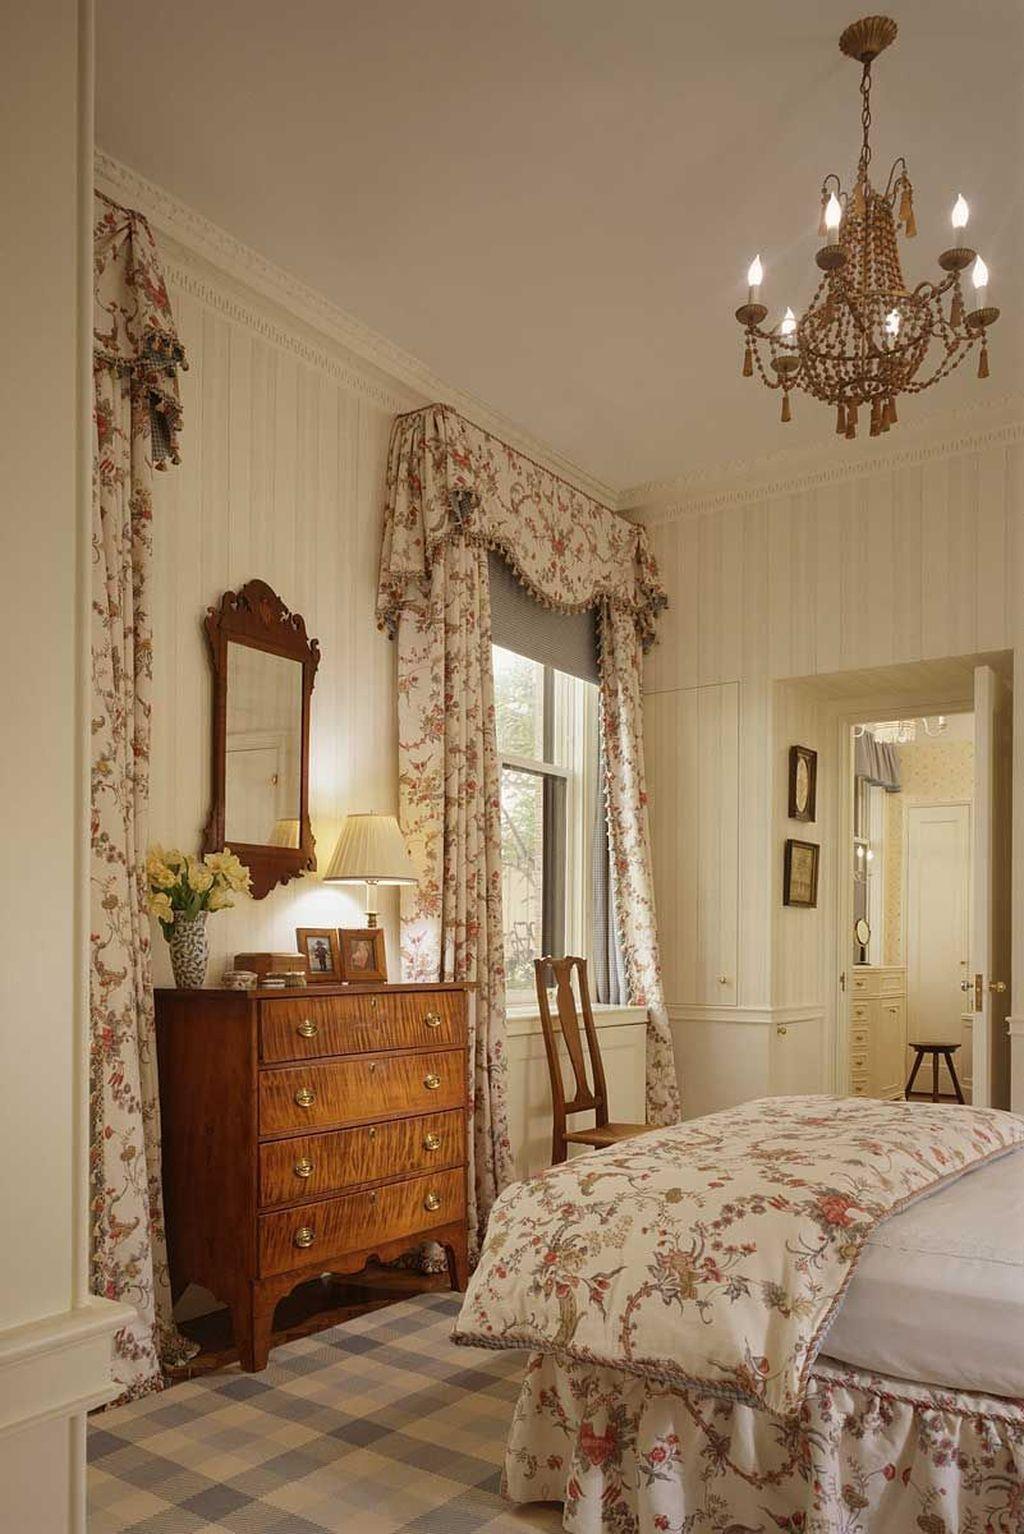 Inspiring Traditional Bedroom Decor Ideas 04